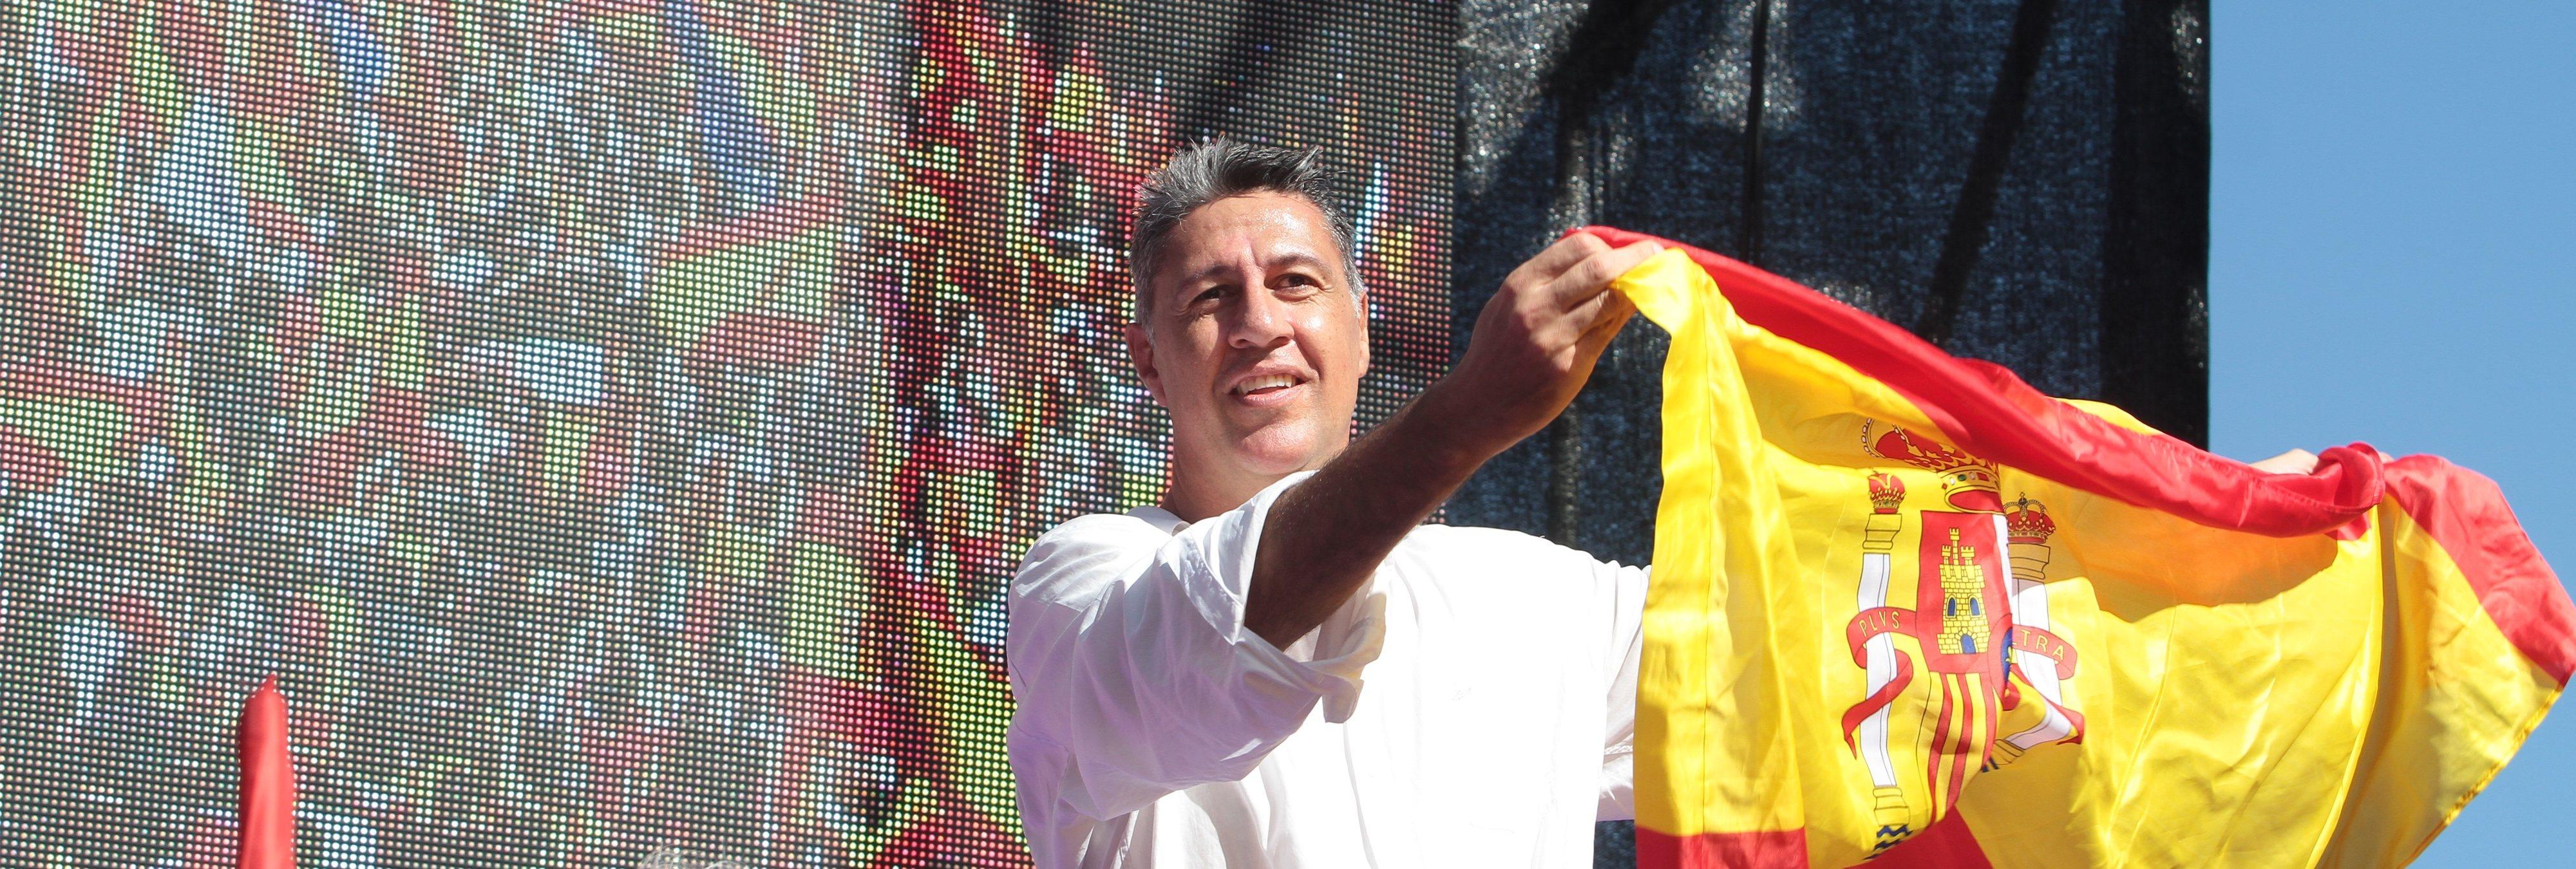 Xavier García Albiol, el ejemplo de político racista y xenófobo para el Consejo de Europa